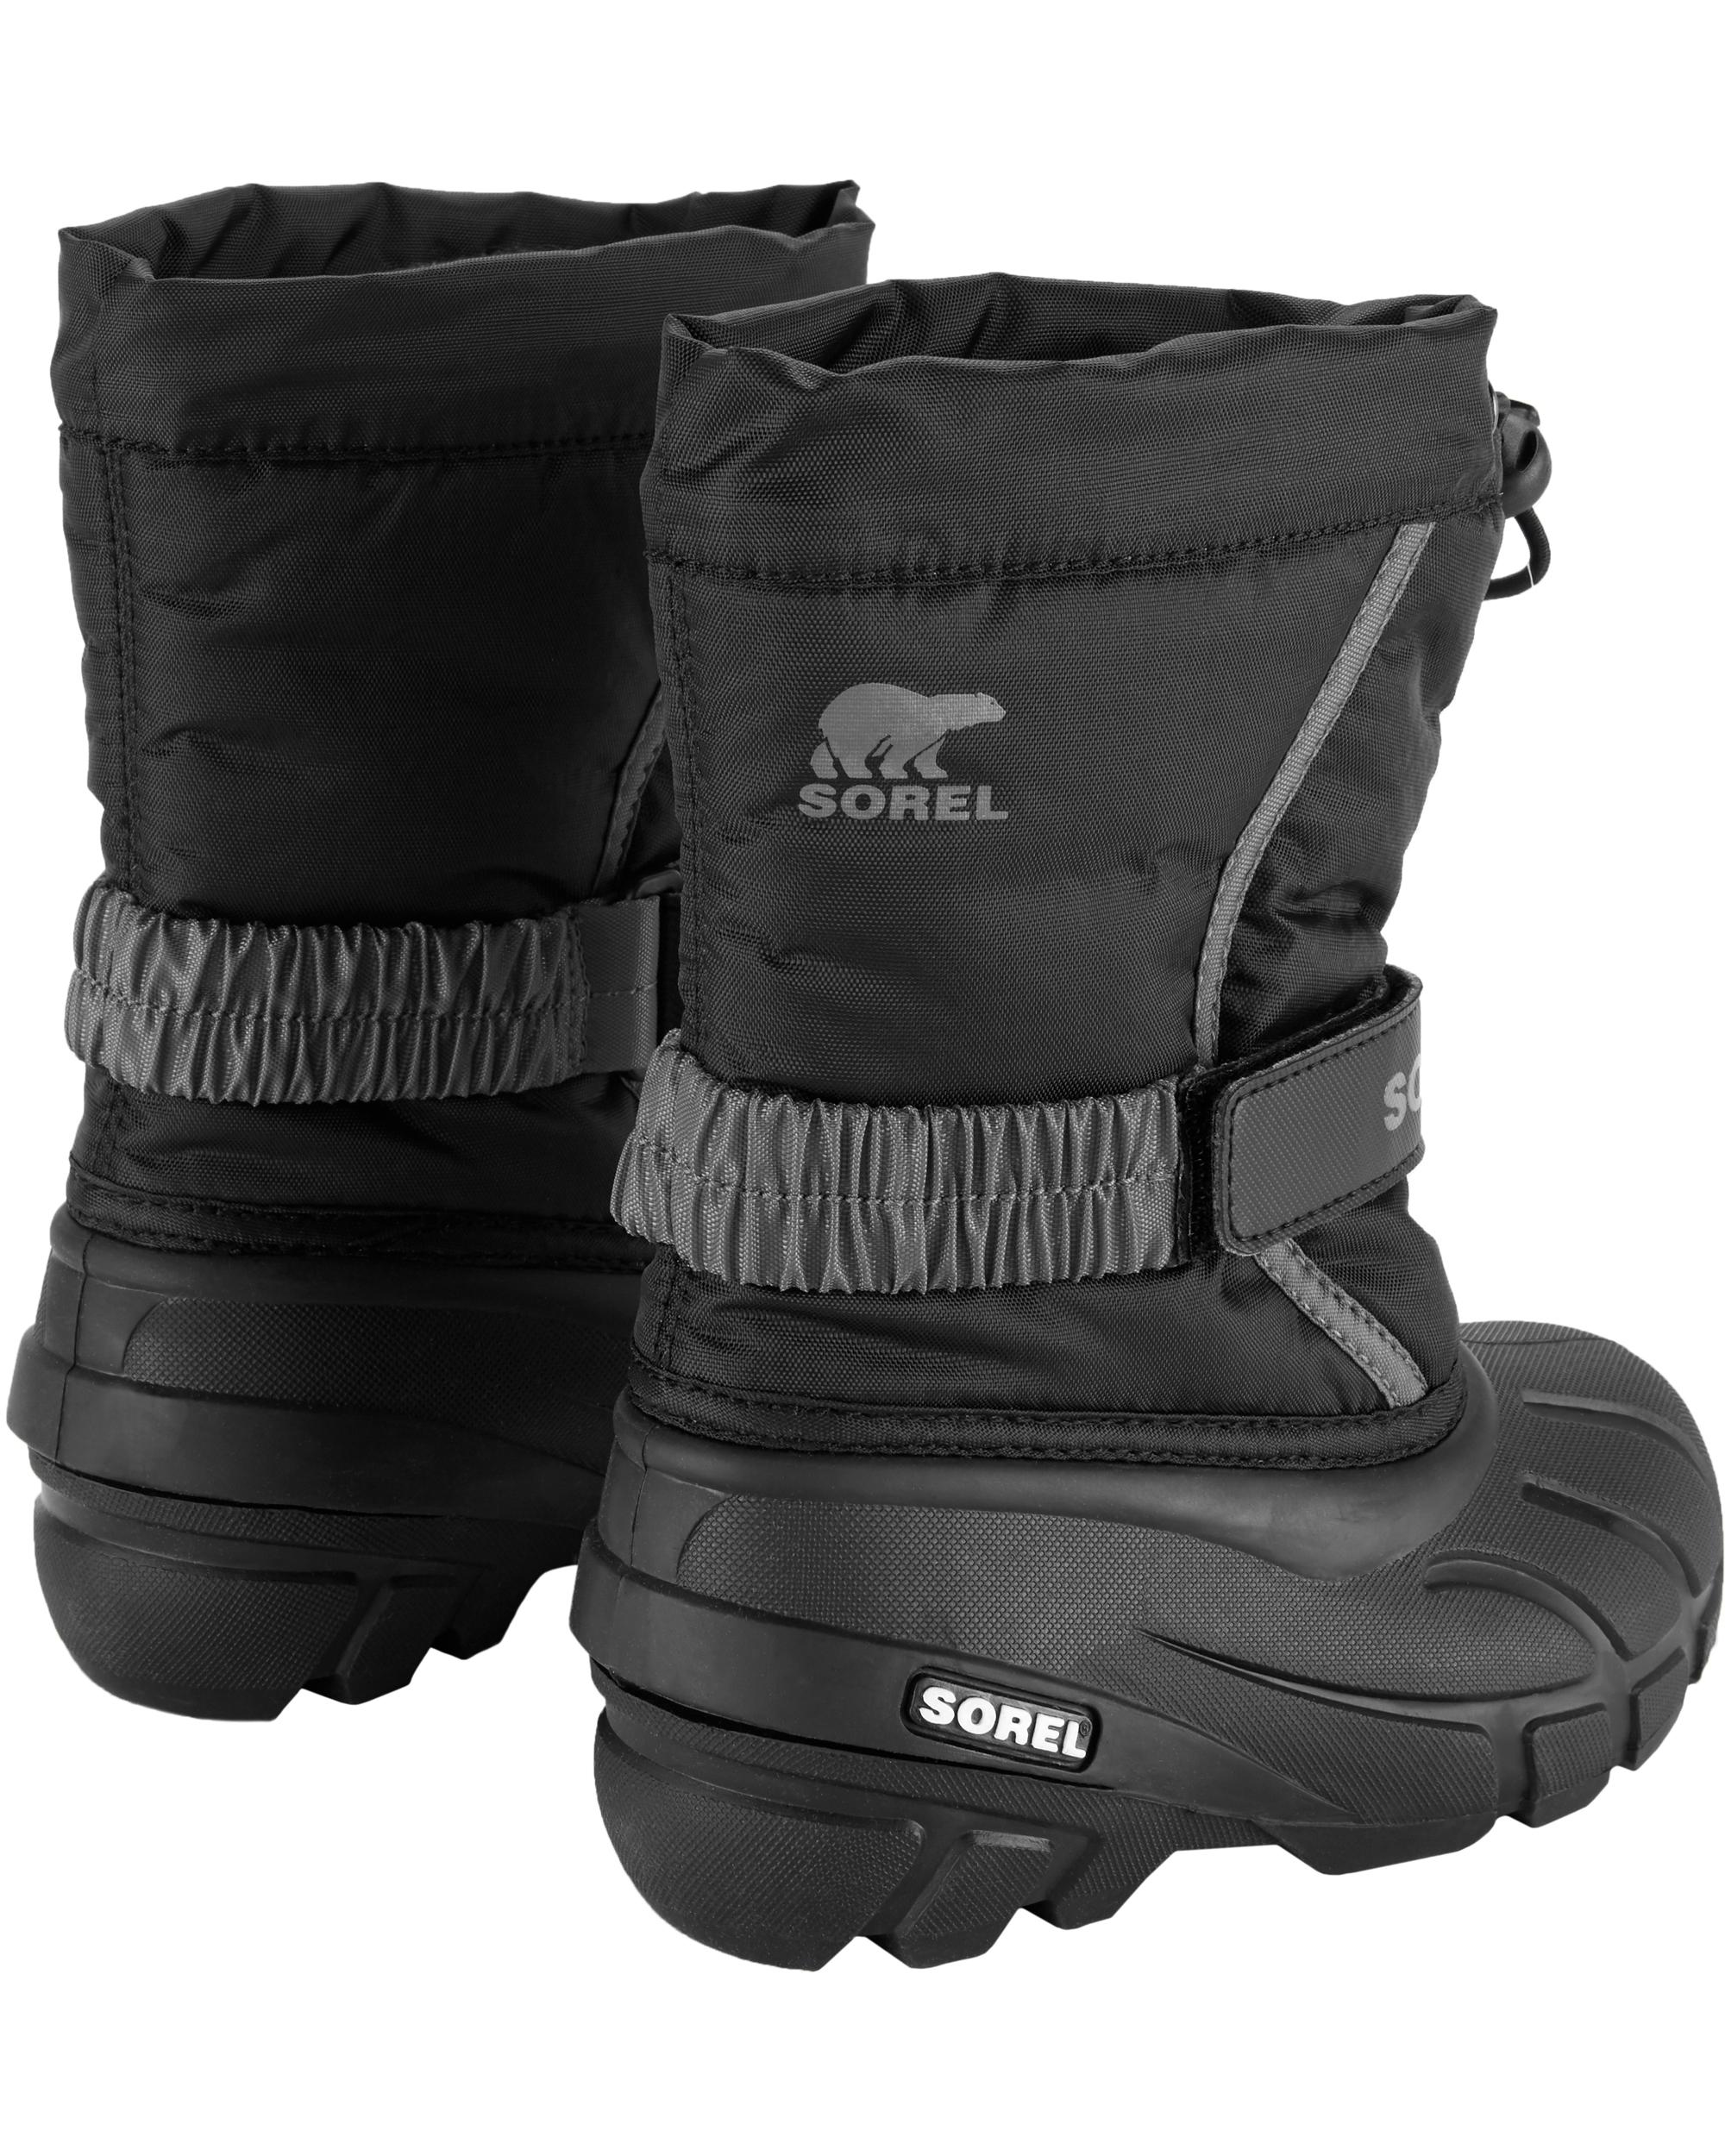 Sorel Flurry Winter Snow Boot   carters.com